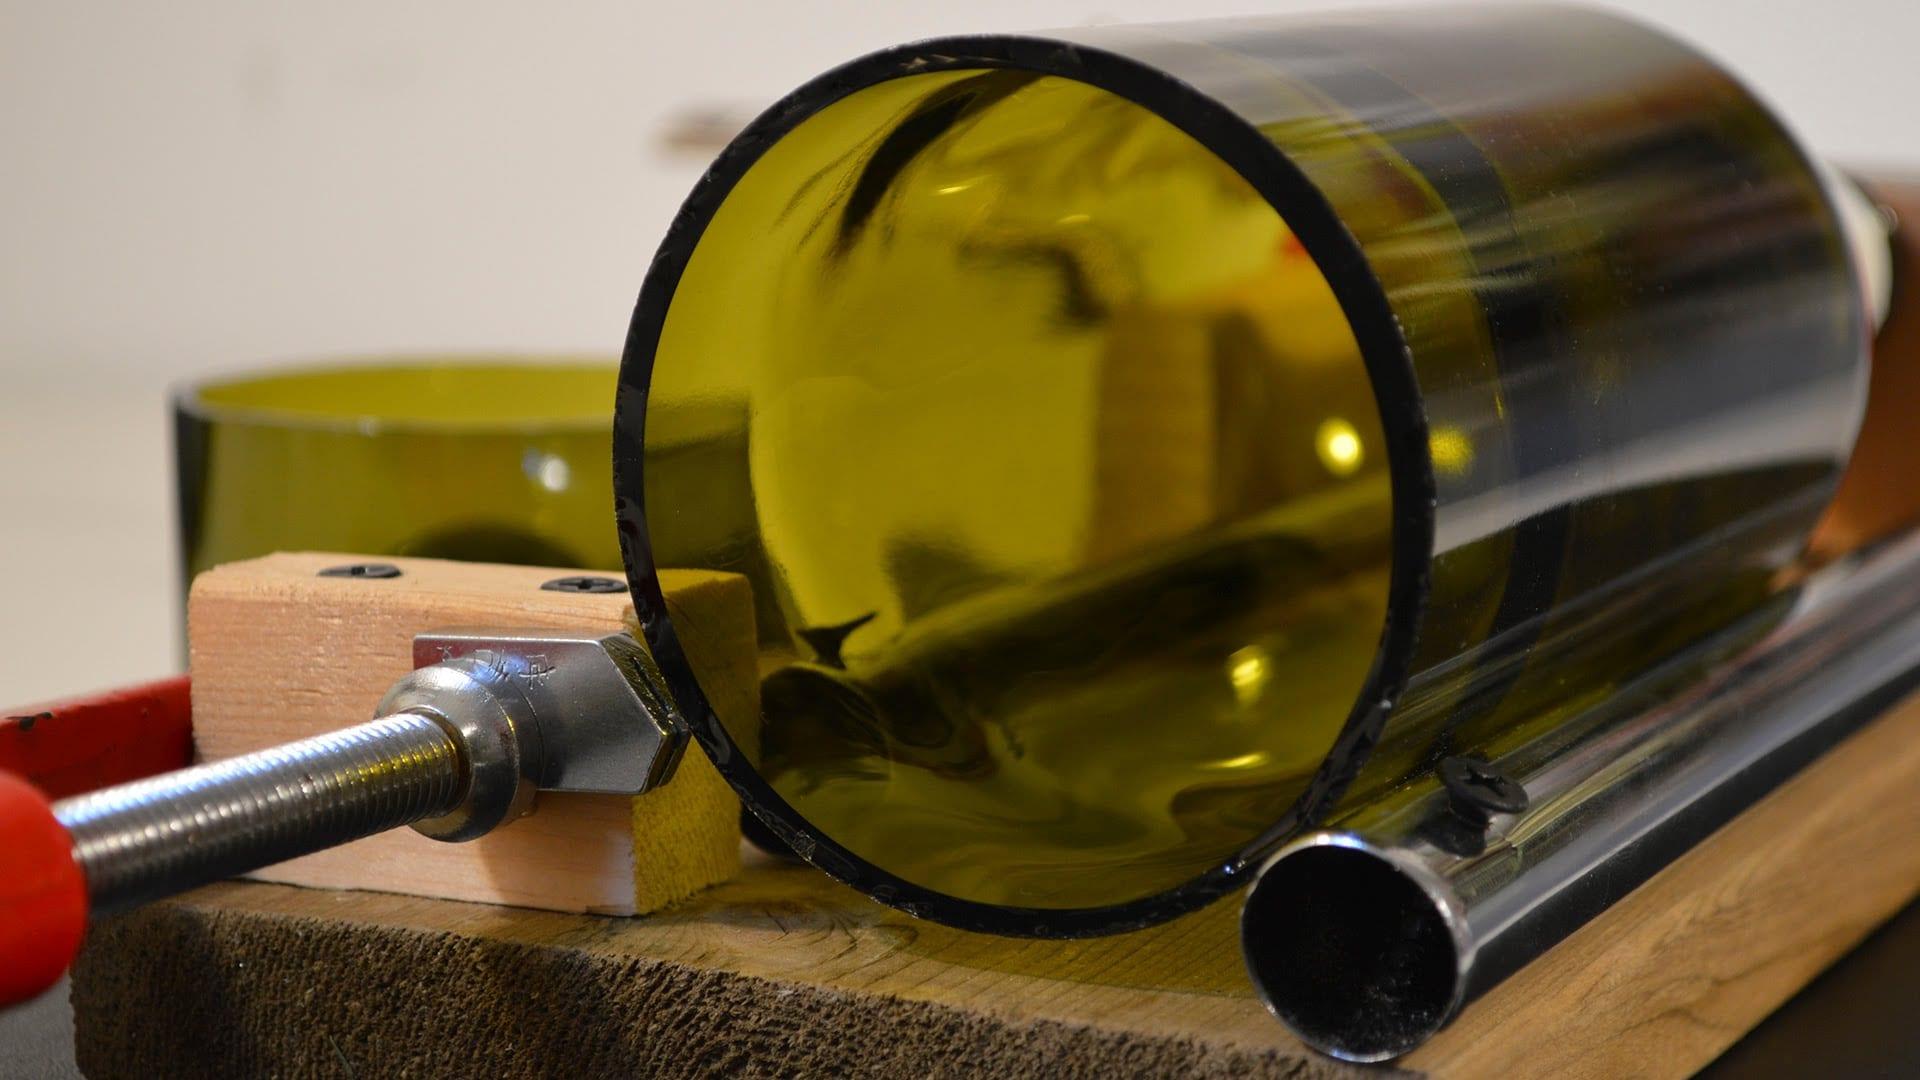 Stikla pudeļu griešana radošā darbnīca, meistarklase, Glass Point, DIY